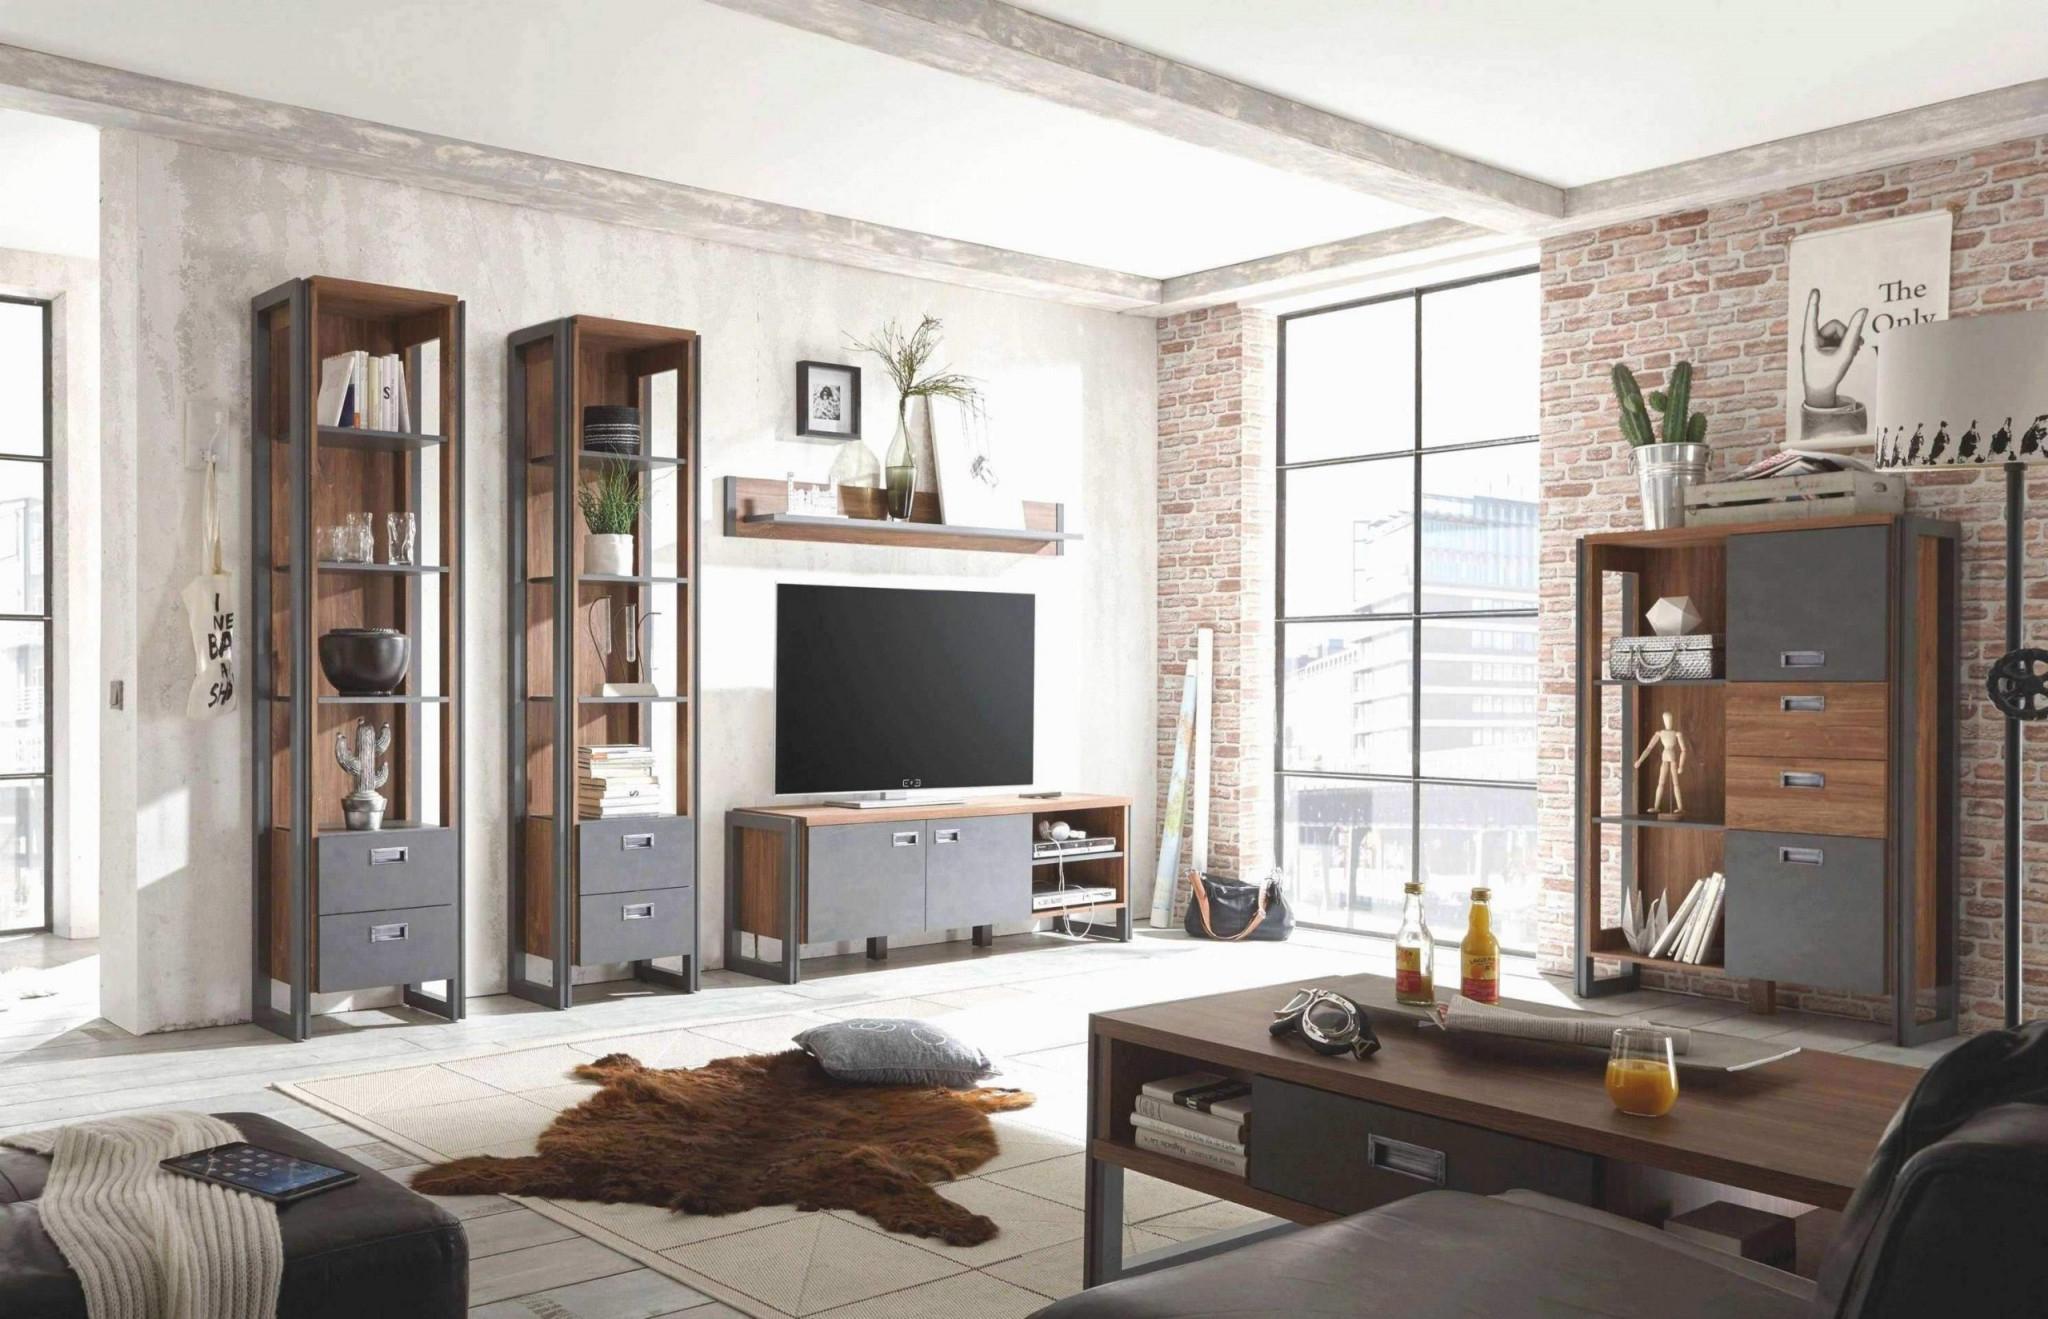 33 Reizend 16 Qm Wohnzimmer Einrichten Genial  Wohnzimmer von Wohnzimmer Einrichten Ideen Photo